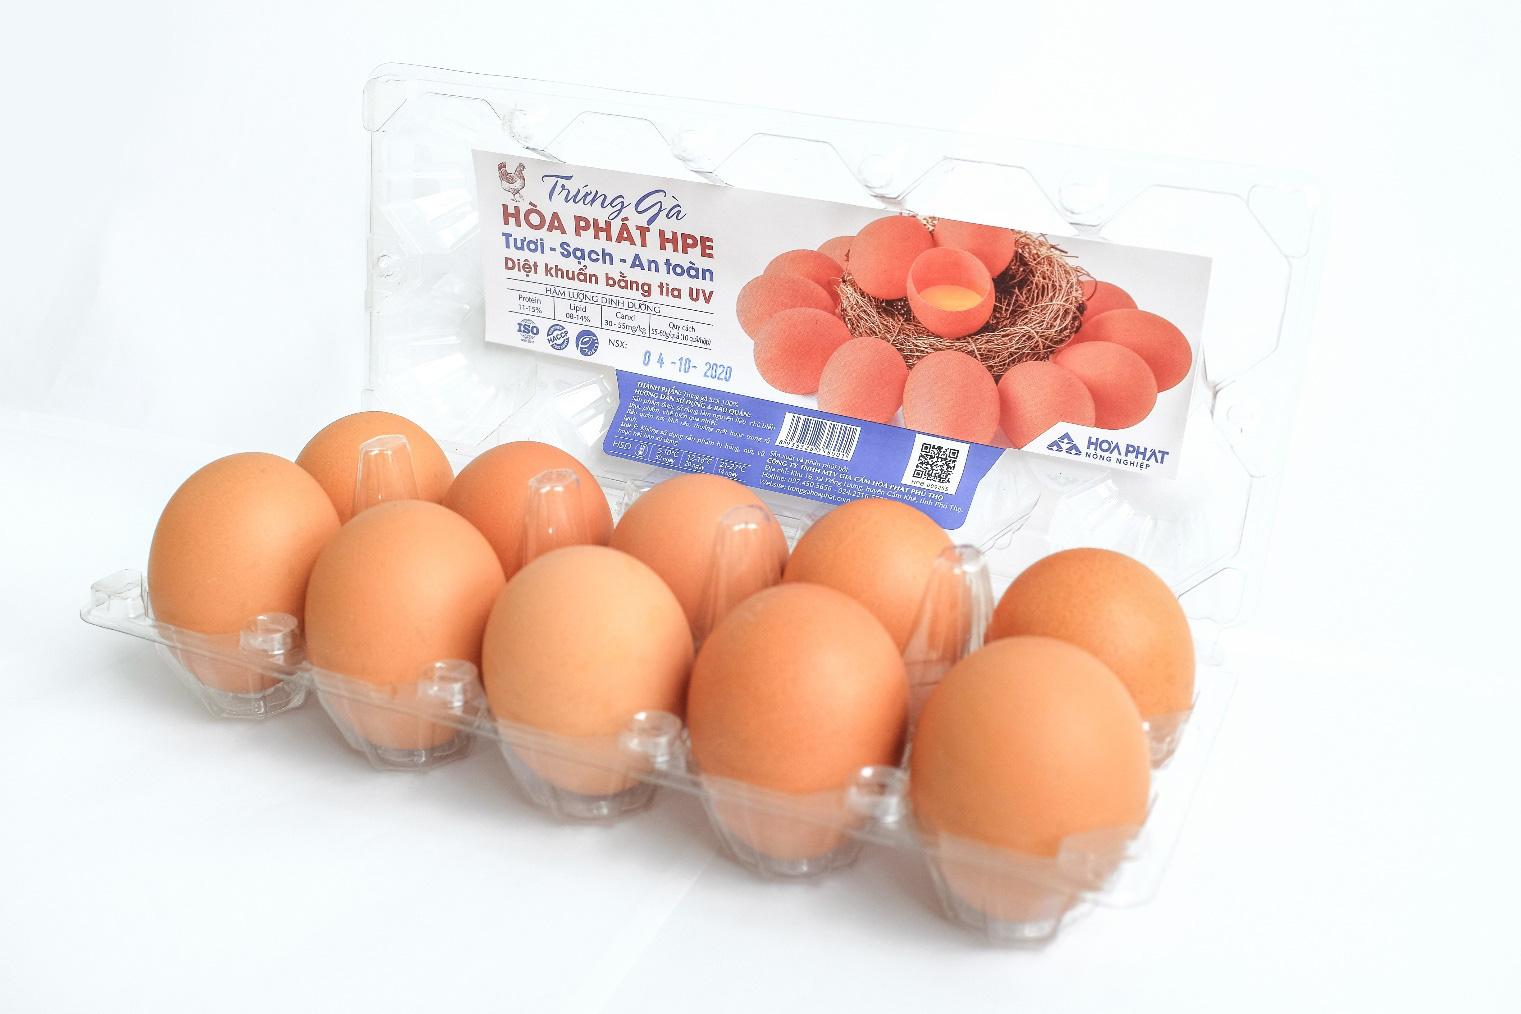 Đại gia Hòa Phát bán gần nửa triệu quả trứng gà sạch mỗi ngày, đứng số 1 miền Bắc - Ảnh 3.